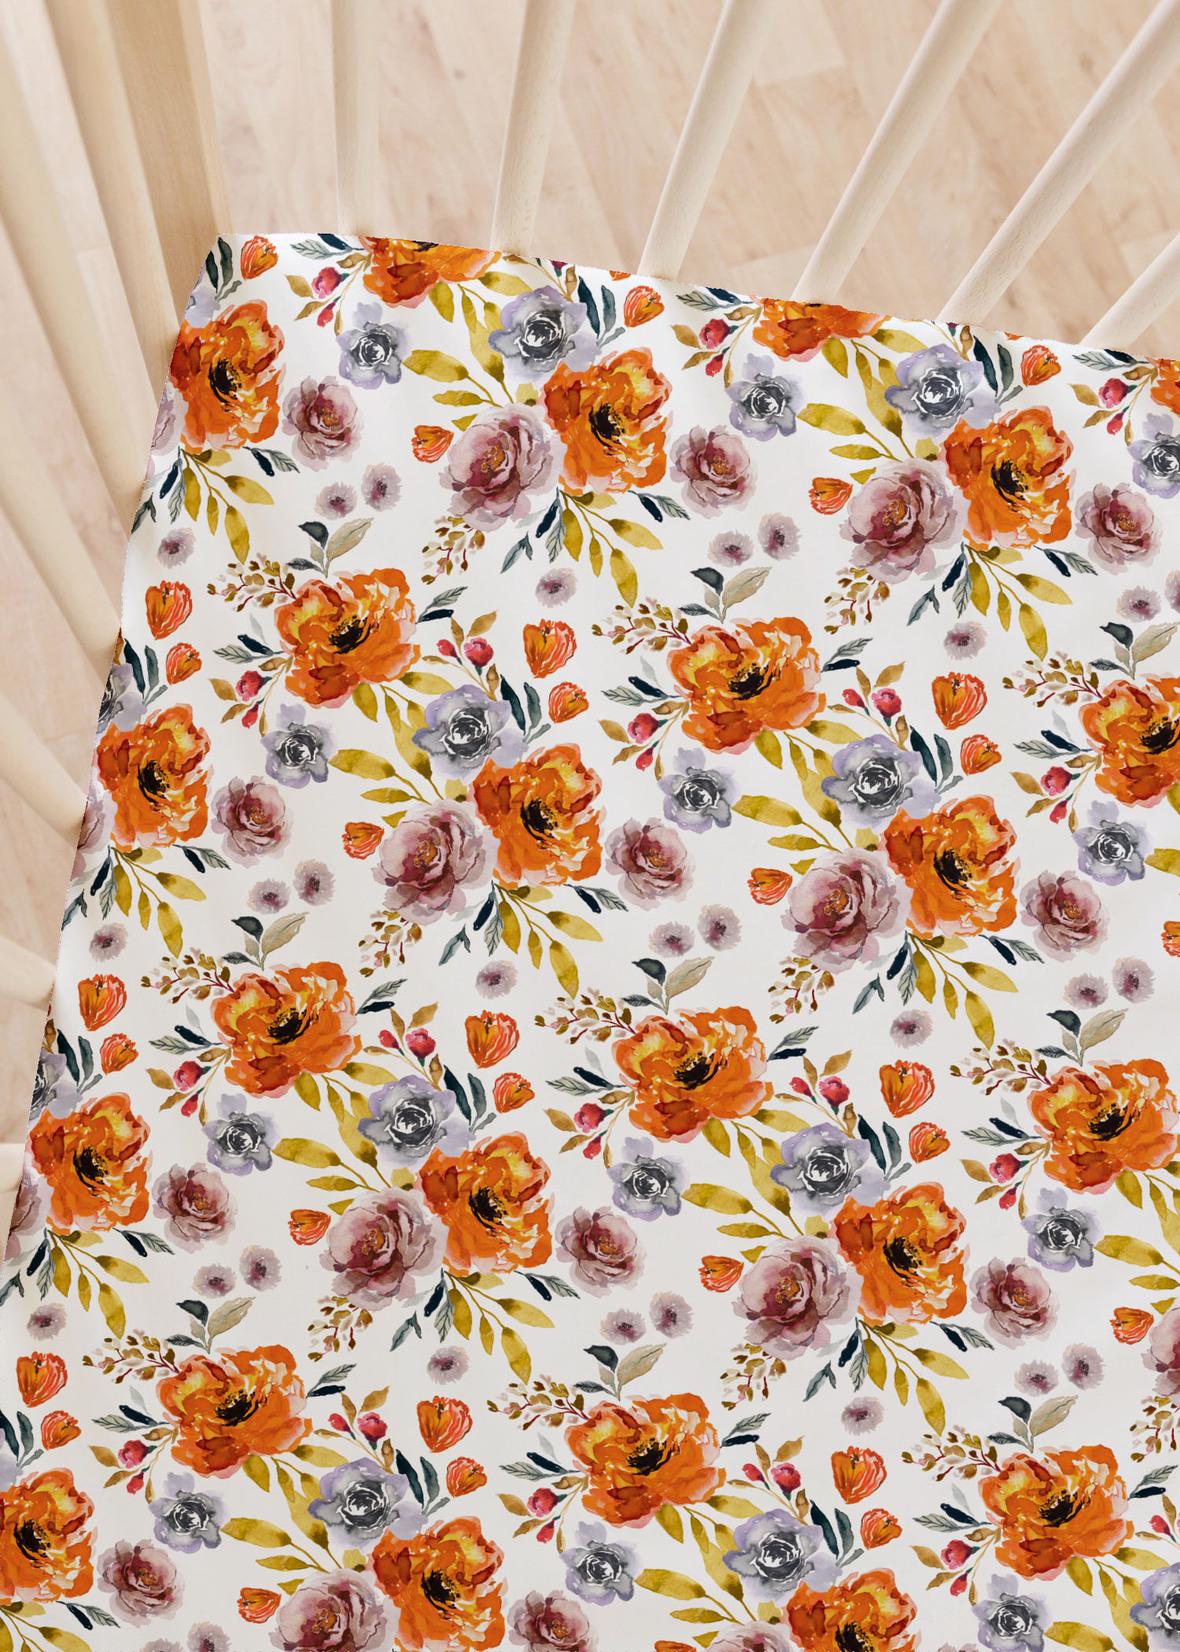 Crib Sheet November Skies in Harvest Moon on White 1